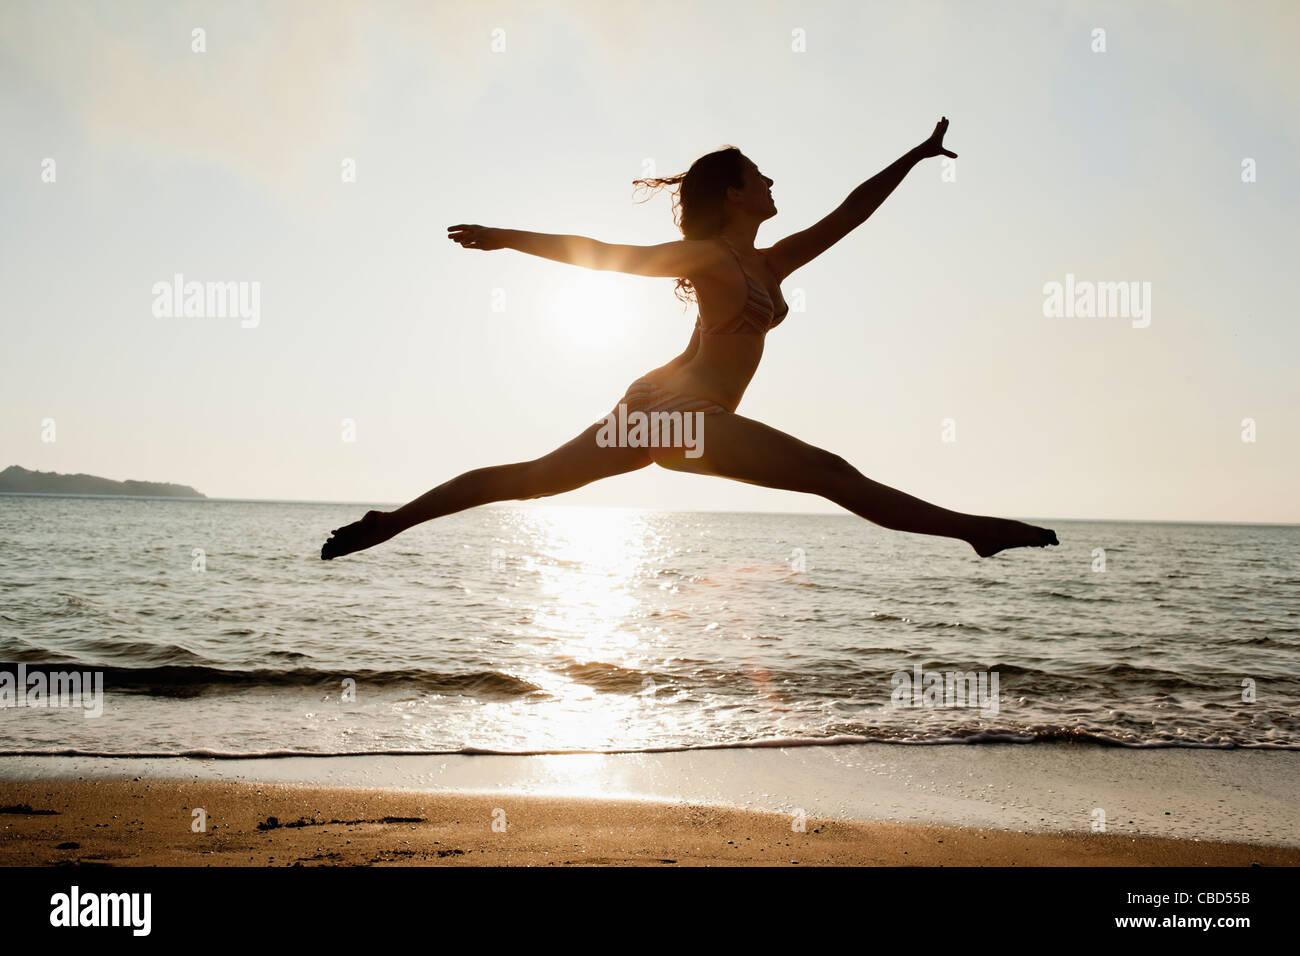 Frau springt über Wellen am Strand Stockbild